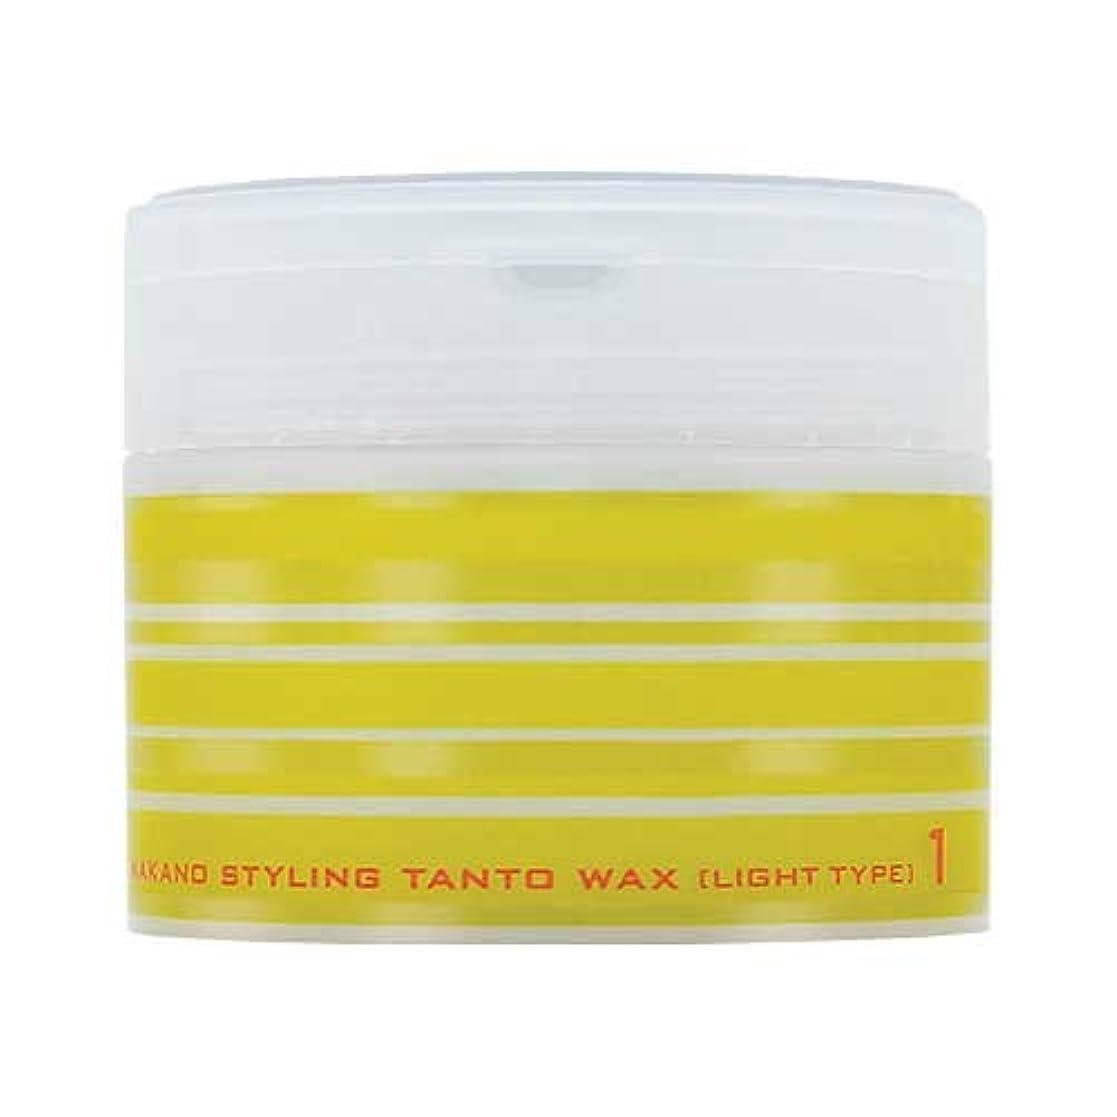 膿瘍呼び起こす香りナカノ スタイリング タントN ワックス 1 ライトタイプ 90g 中野製薬 NAKANO